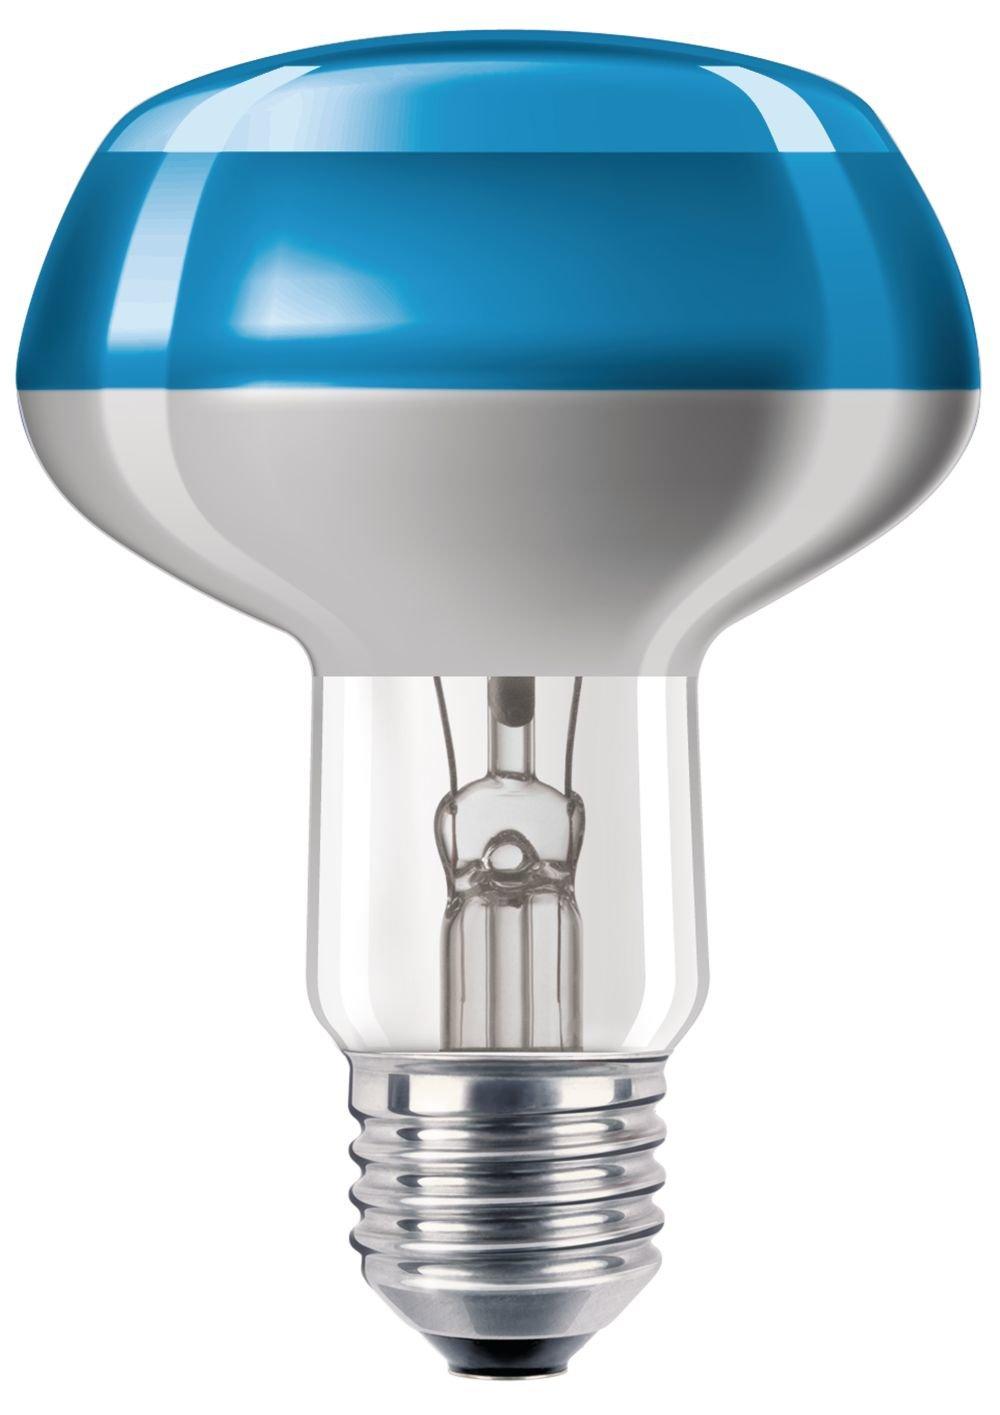 Philips NR80 Reflektorlampe 60 Watt E27 blau 60W 8711500066527